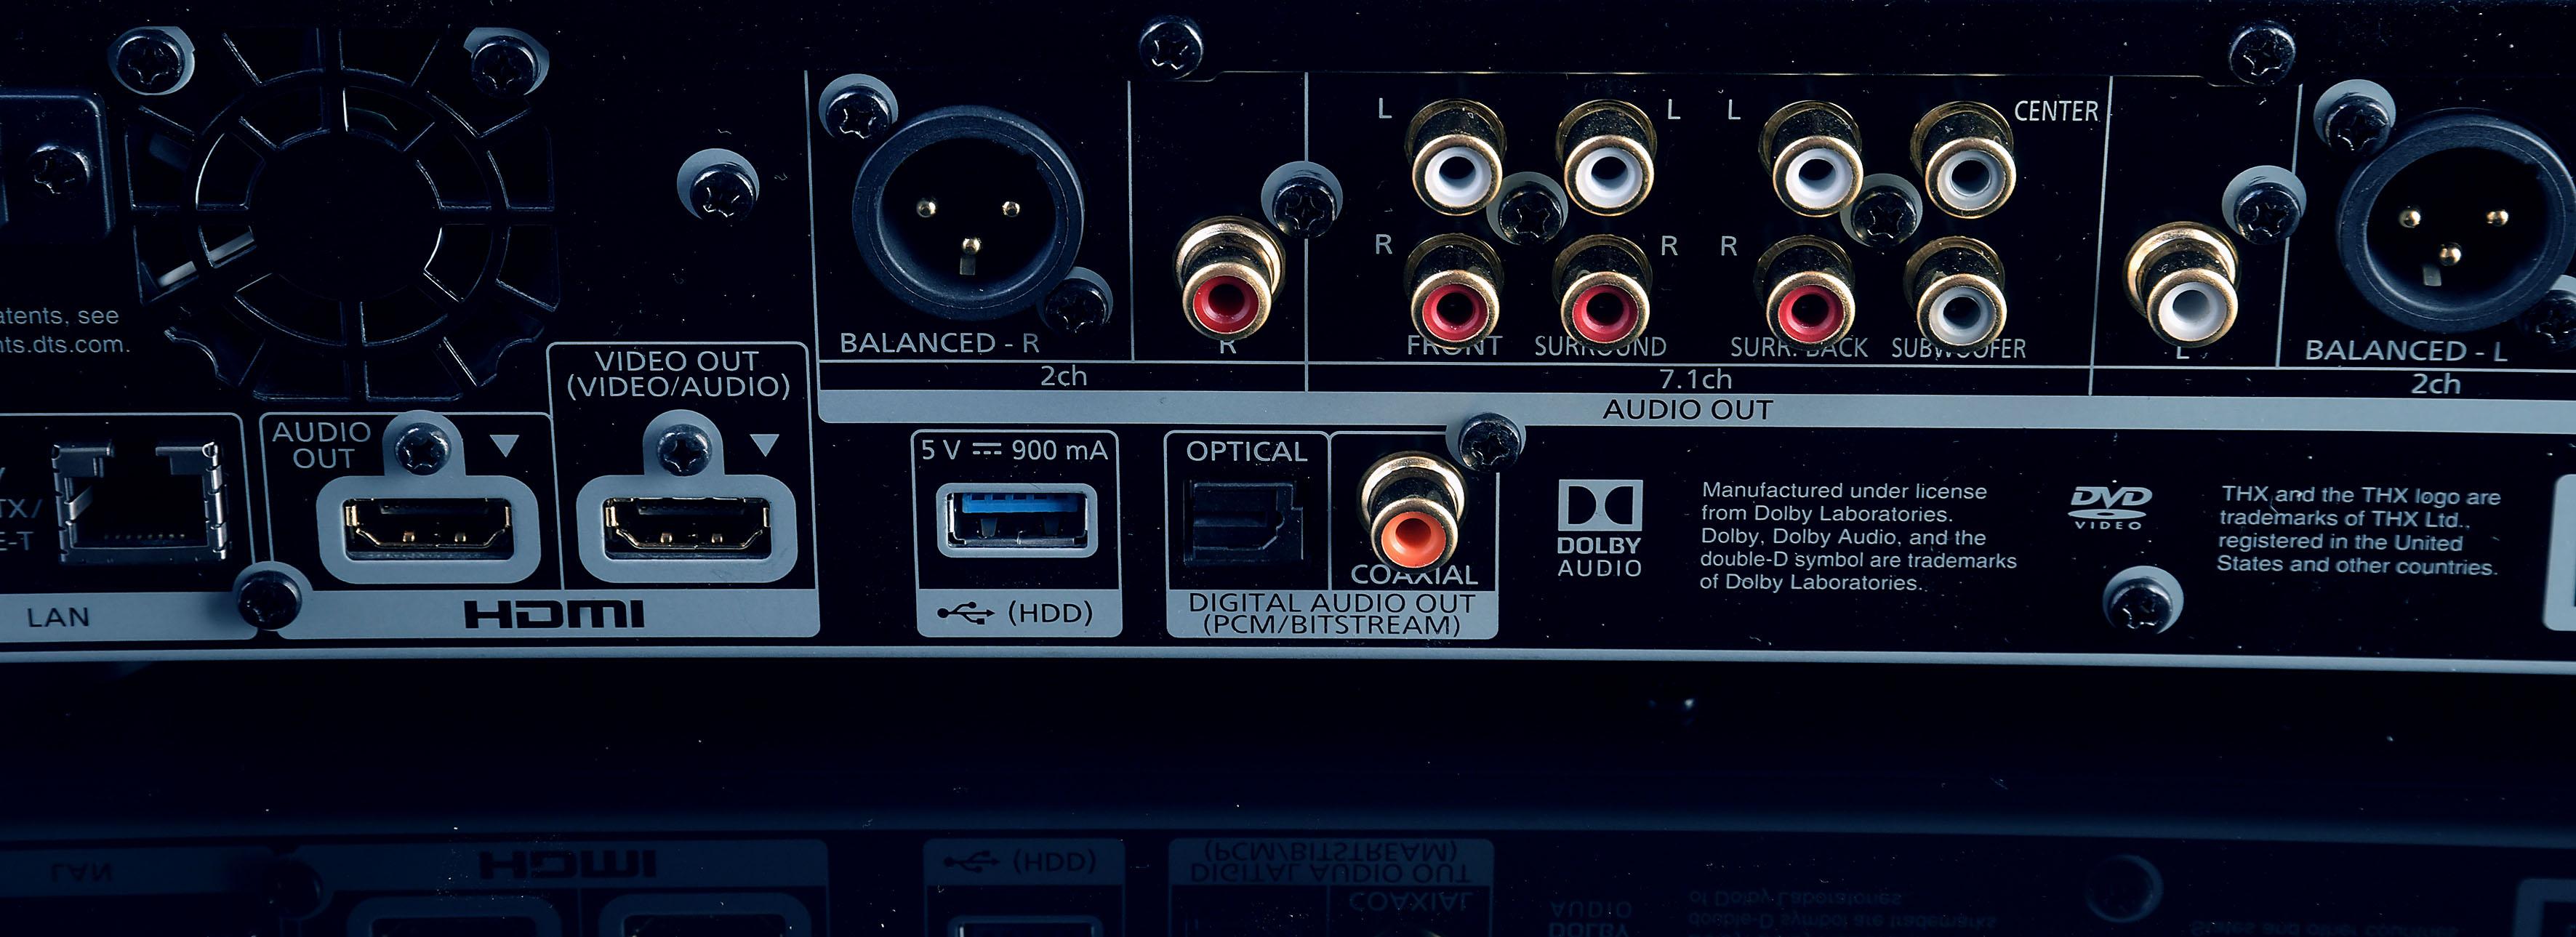 """Foto: Michael B. Rehders Noch einen drauf legt der Panasonic DP-UB9004. Er besitzt alle Anschlüsse des UB824 und zusätzlich zwei """"Stereoausgänge"""", in Form von Cinch und störungsunanfälligen XLR-Ports. Letztere eignen sich hervorragend, um lange Kabelstrecken zurück zu legen. Das richtet sich an professionelle Nutzer und High-Ender. Letztendlich gibt es auch noch einen Koaxial-Ausgang, zum Beispiel für die Wiedergabe von Musik-CDs."""